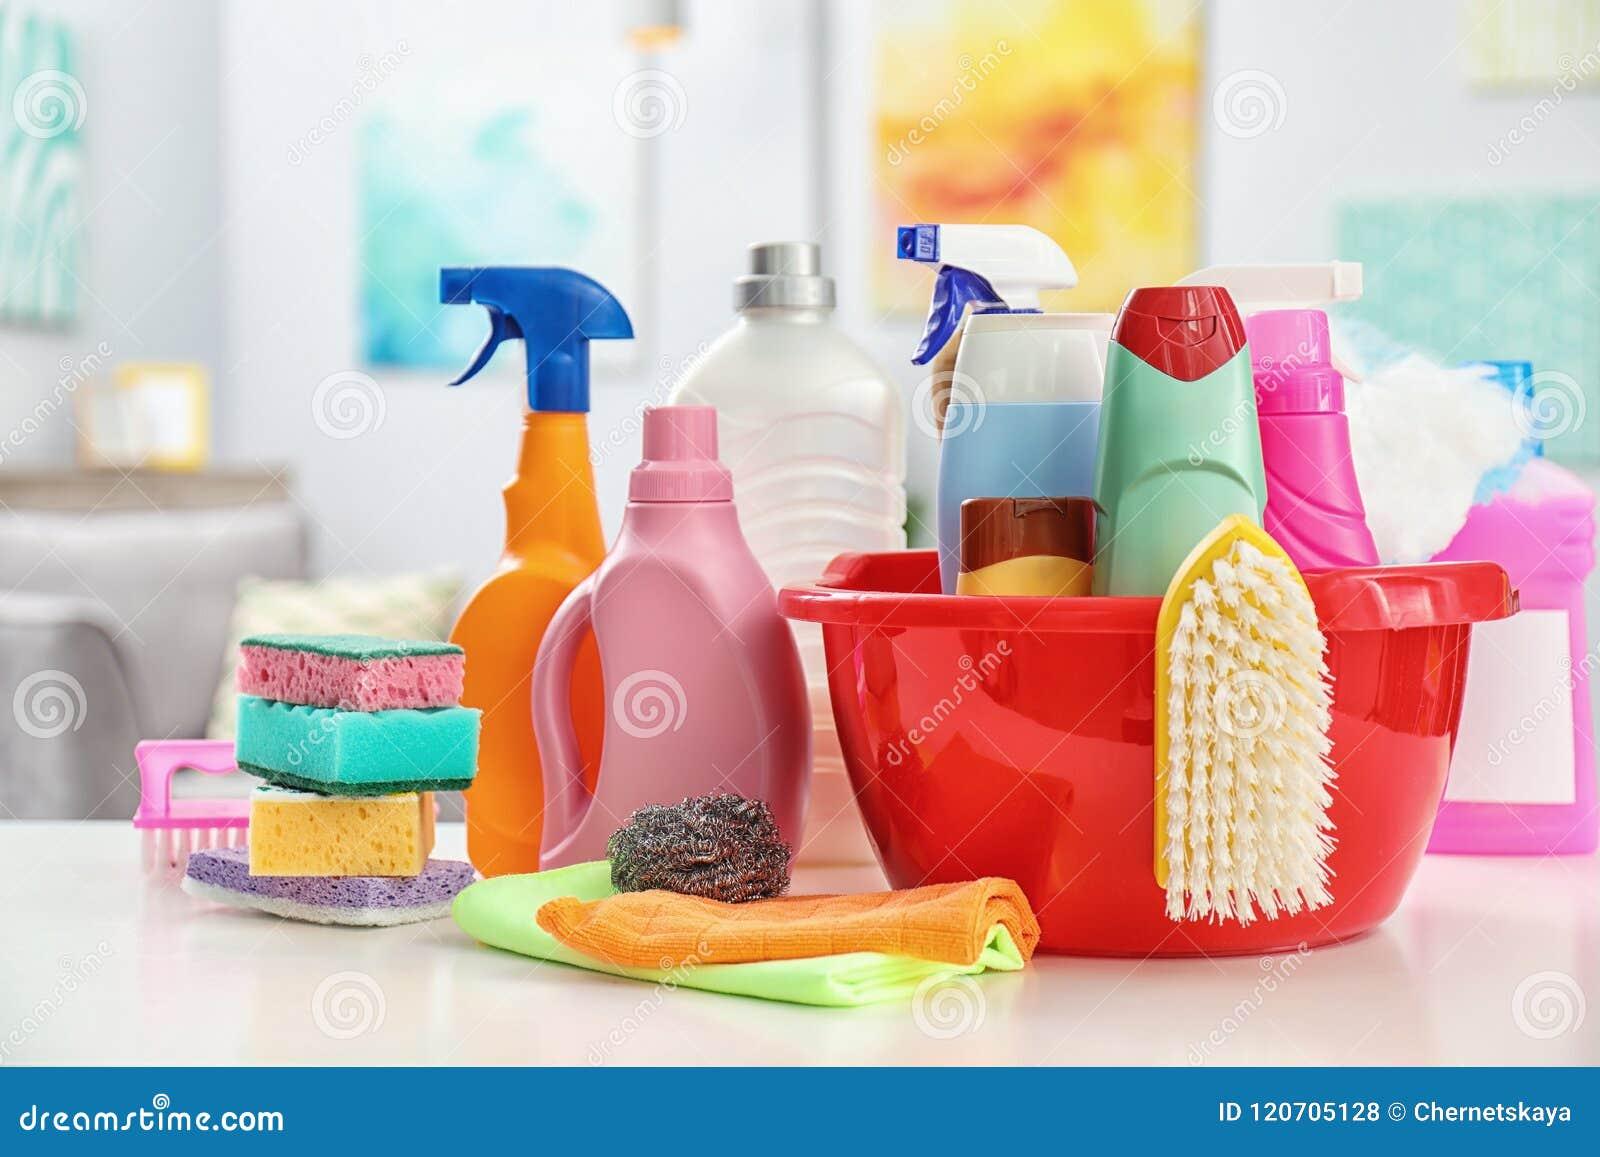 Grupo de fontes de limpeza na tabela